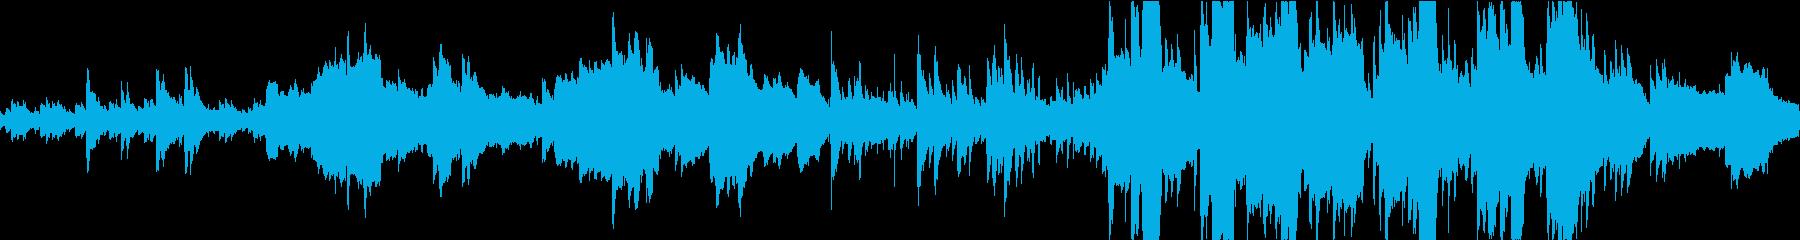 ケルティックなファンタジーBGMの再生済みの波形